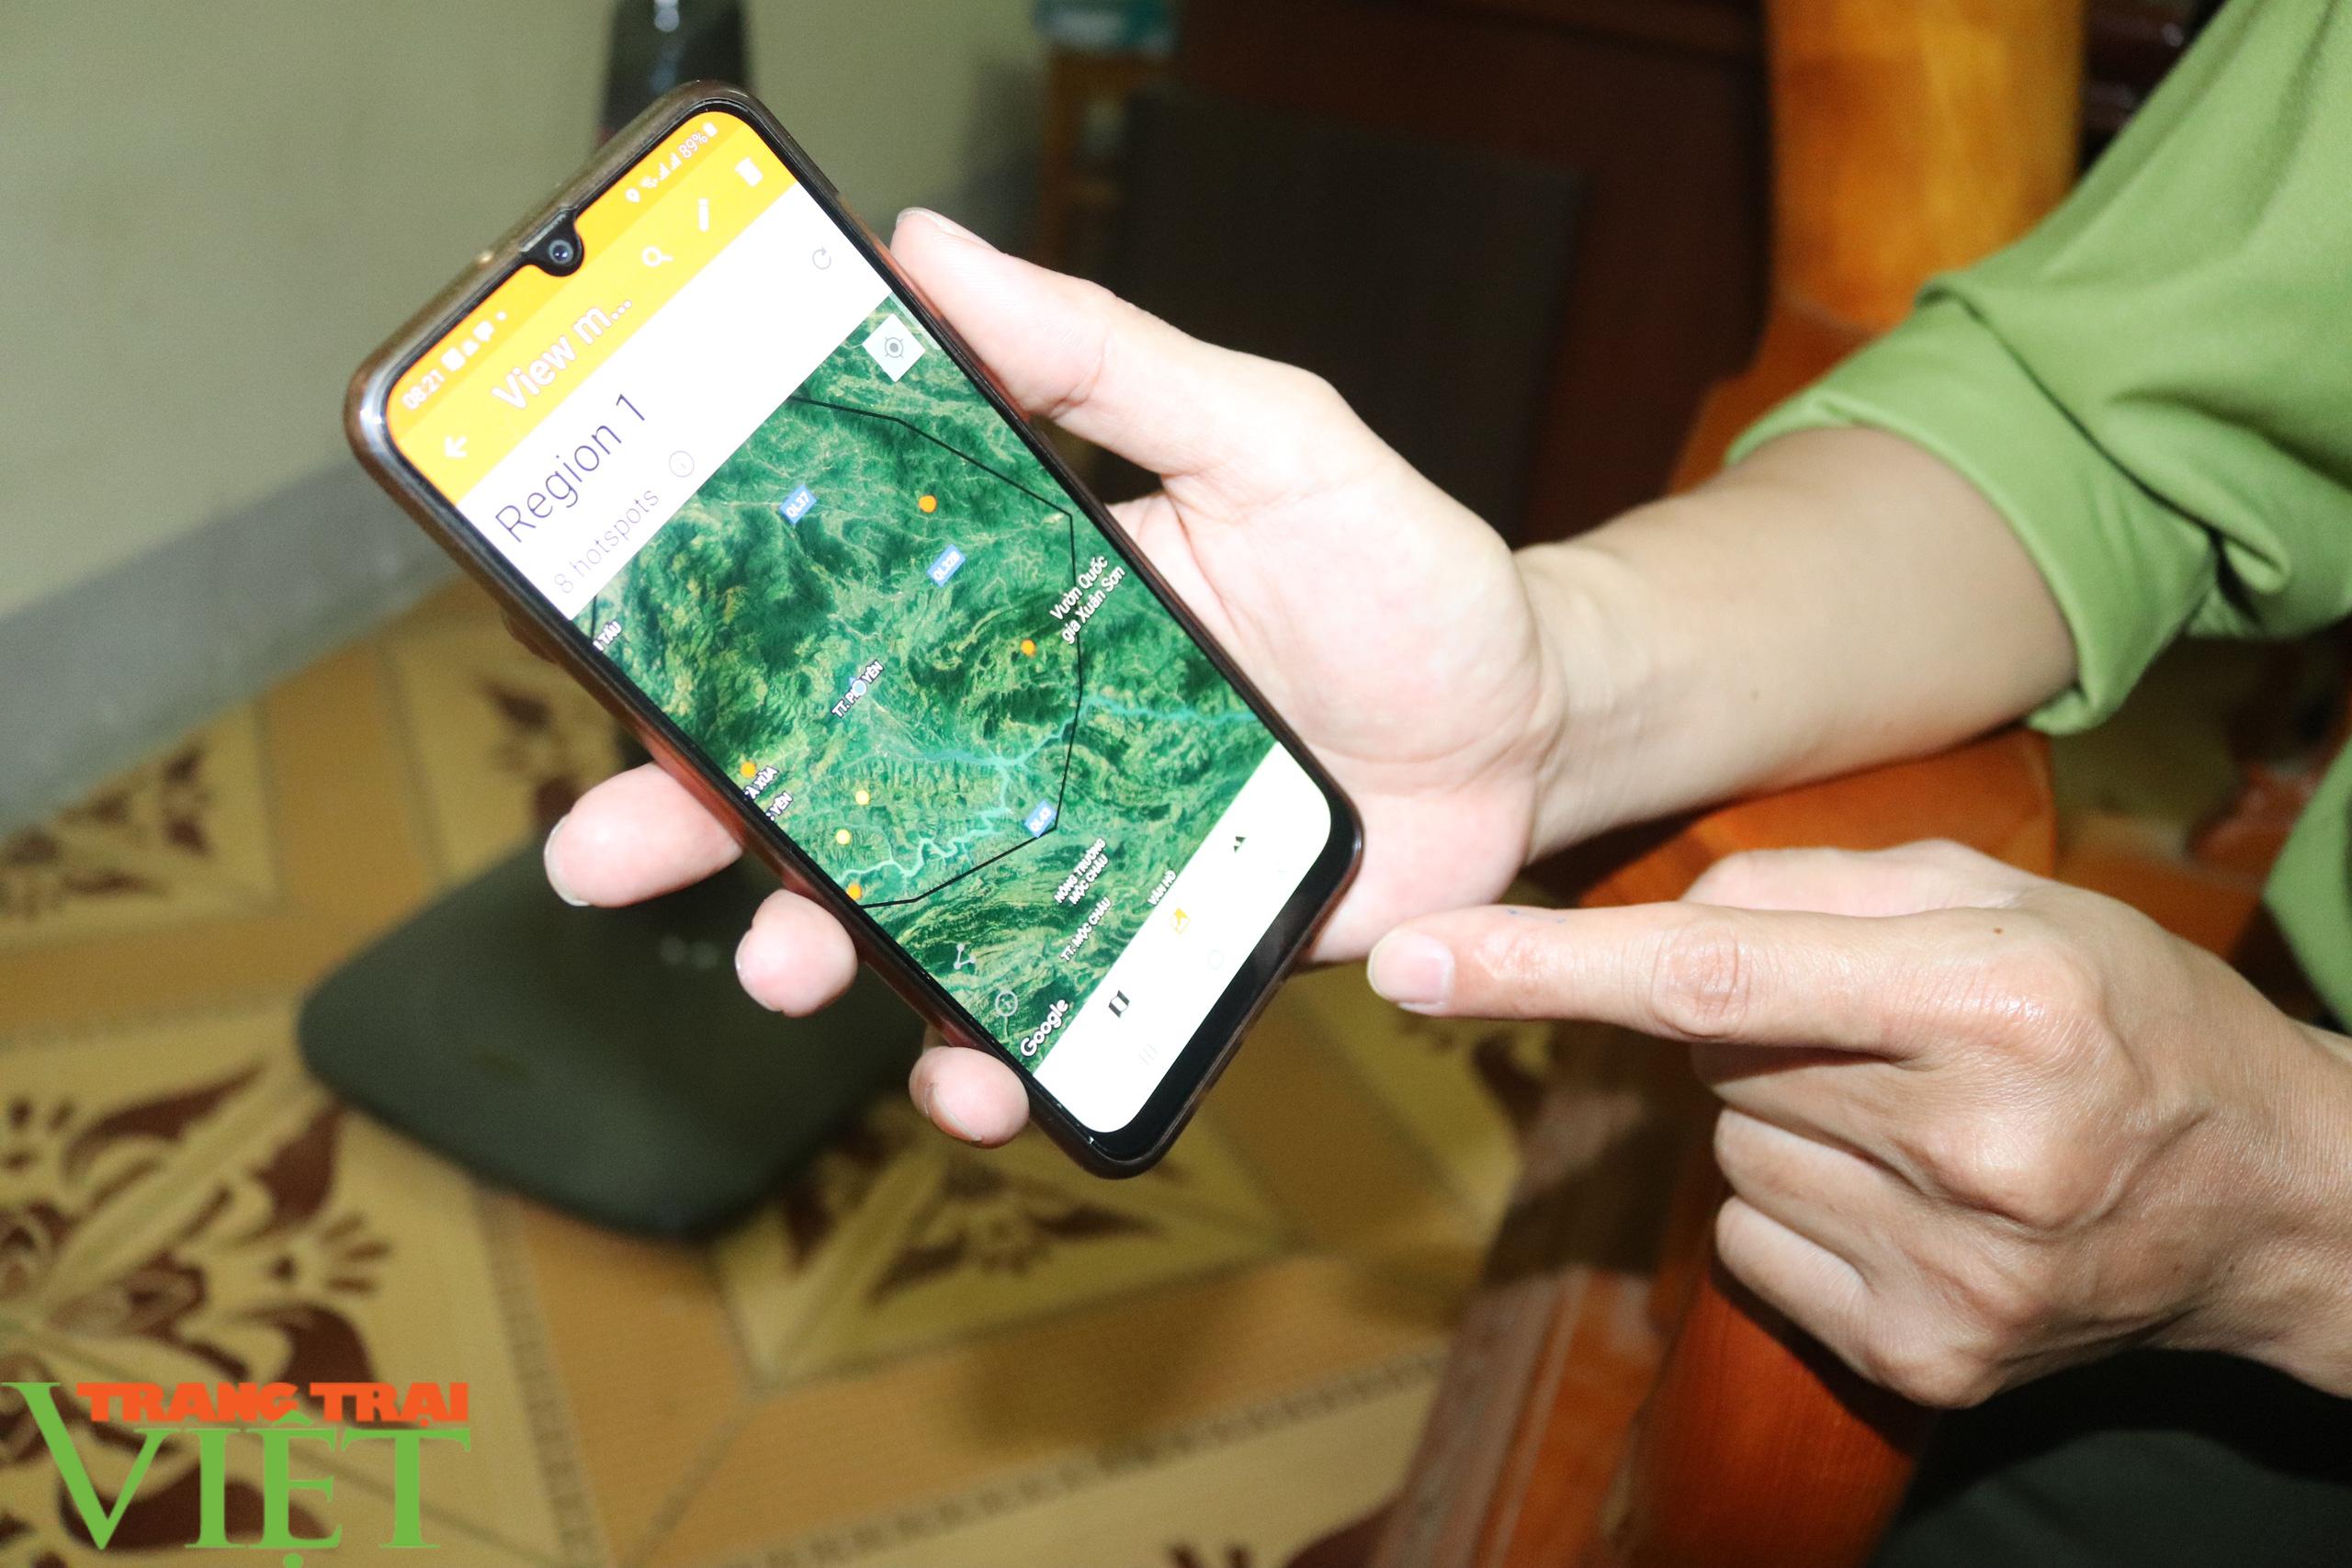 Hạt Kiểm lâm huyện Phù Yên ứng dụng công nghệ 4.0 trong công tác quản lý, bảo vệ và PCCCR - Ảnh 5.